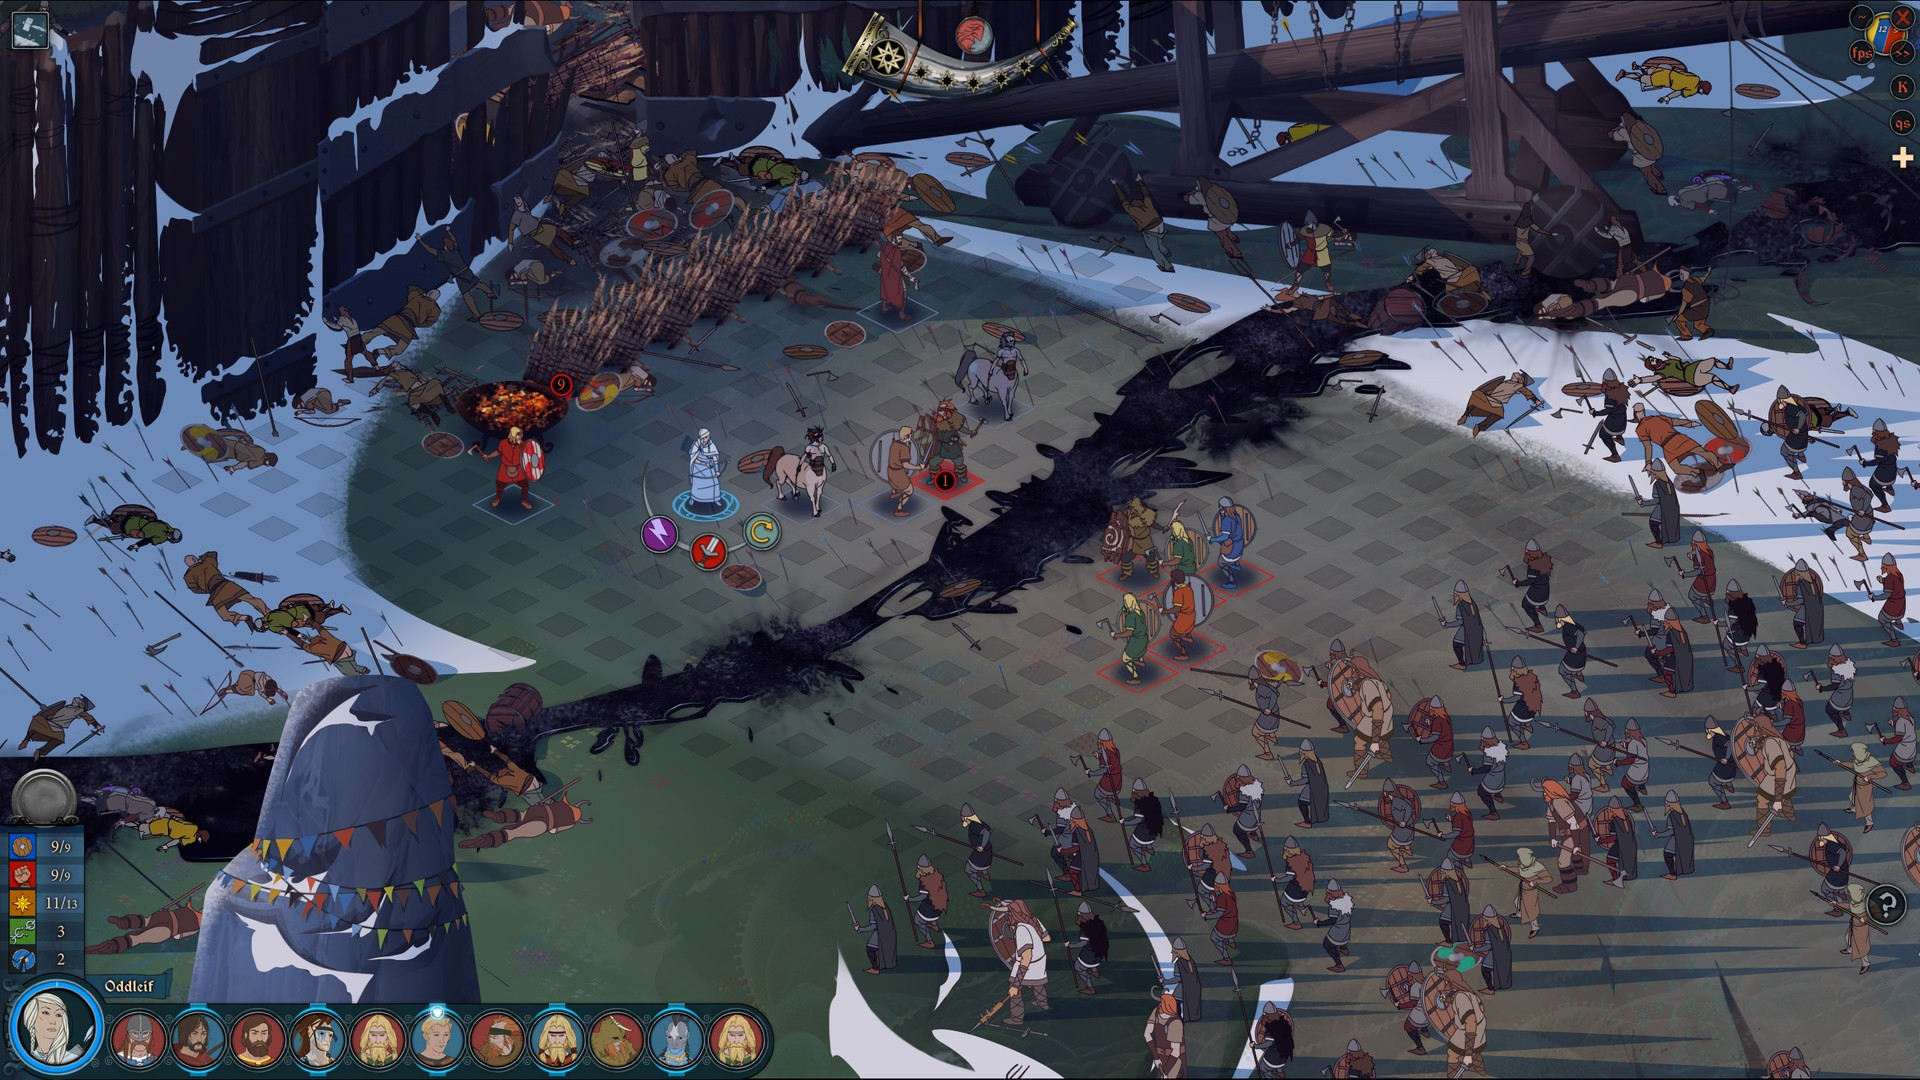 Risultati immagini per the banner saga